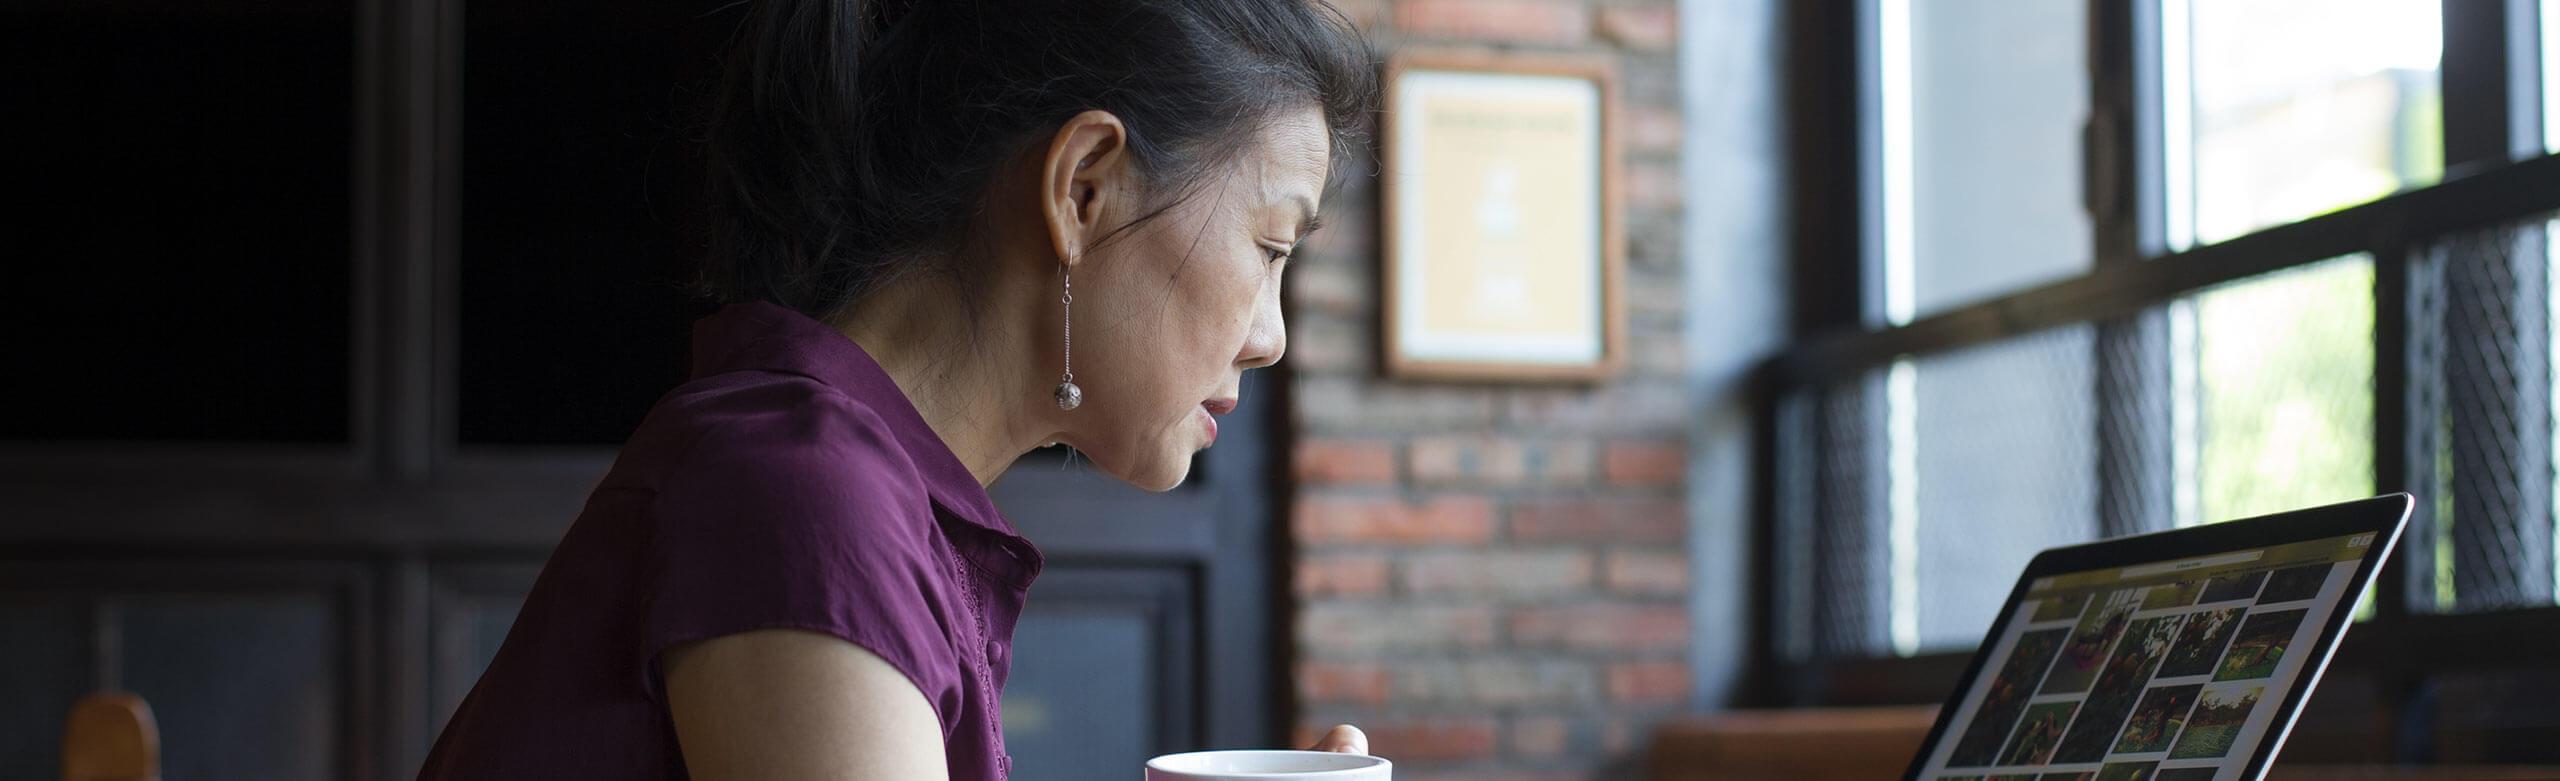 Une femme travaillant sur son ordinateur portable, café à la main